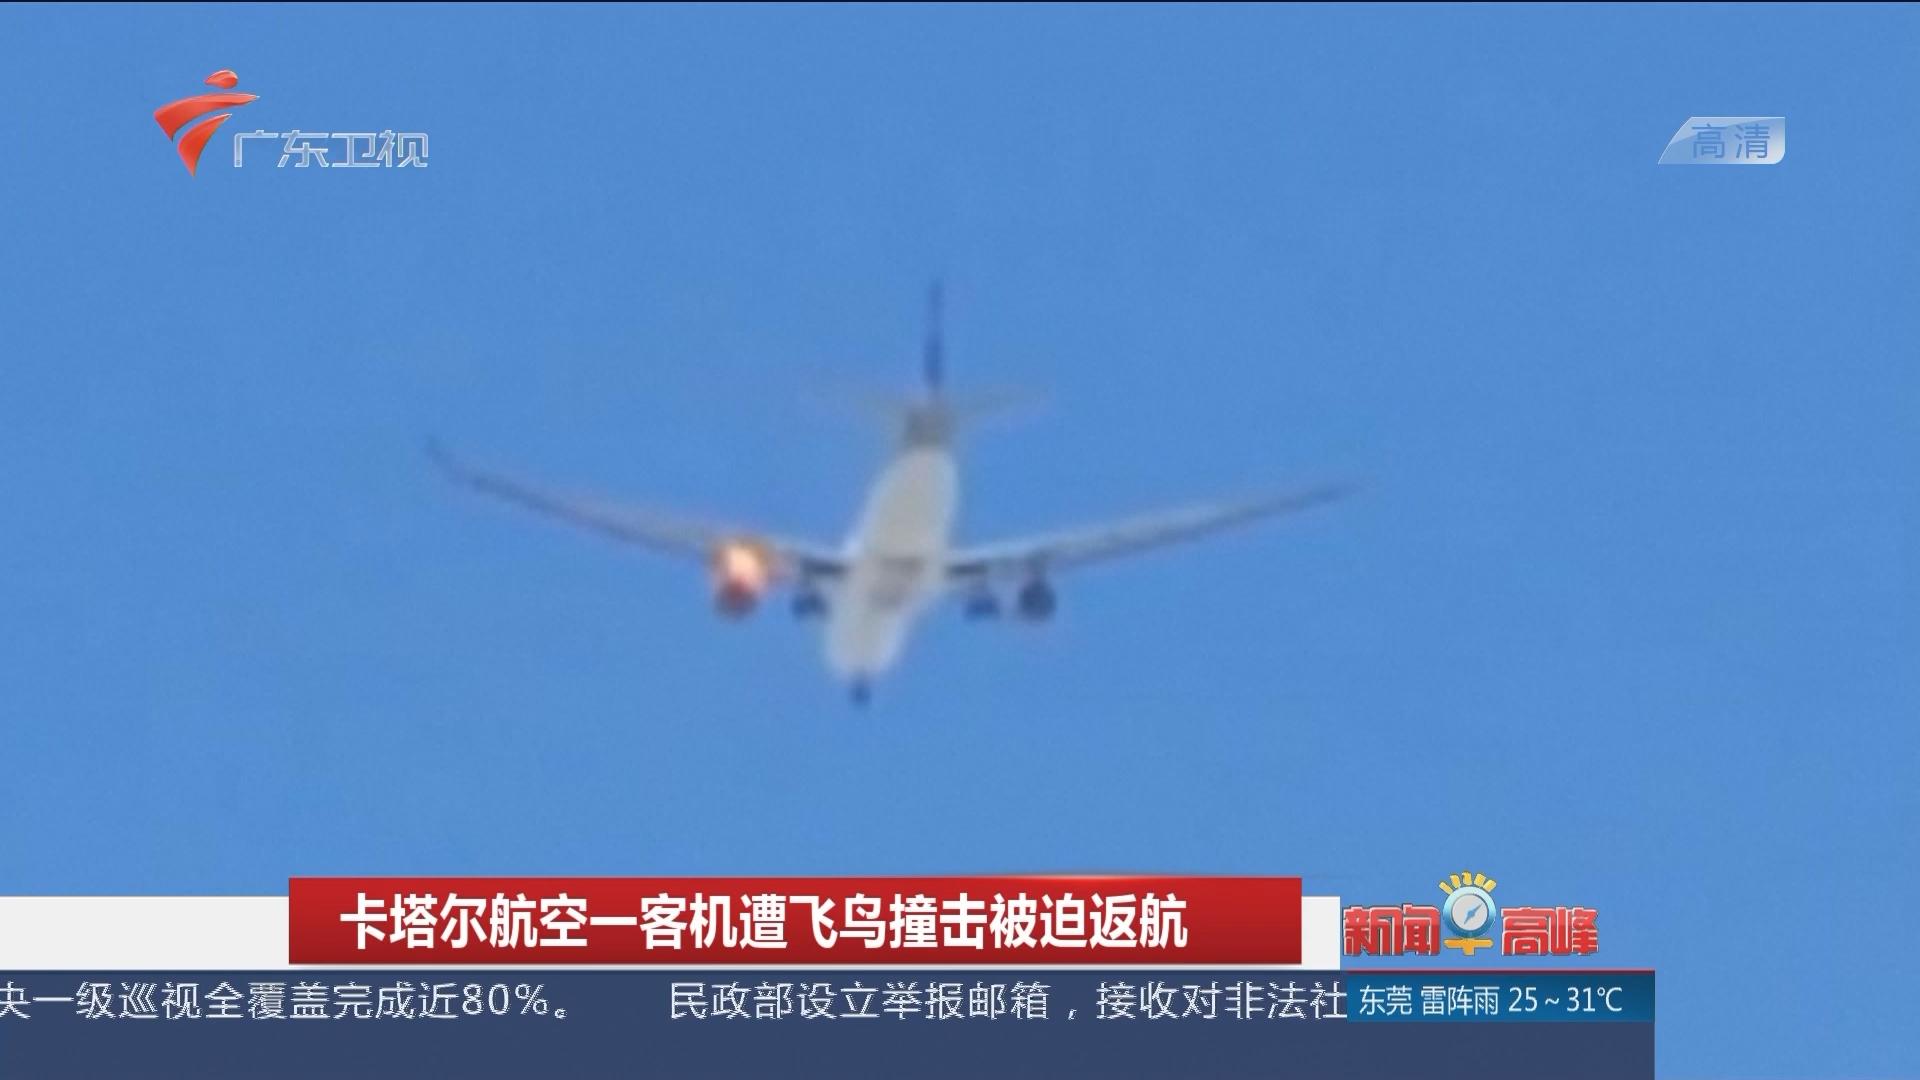 卡塔尔航空一客机遭飞鸟撞击被迫返航